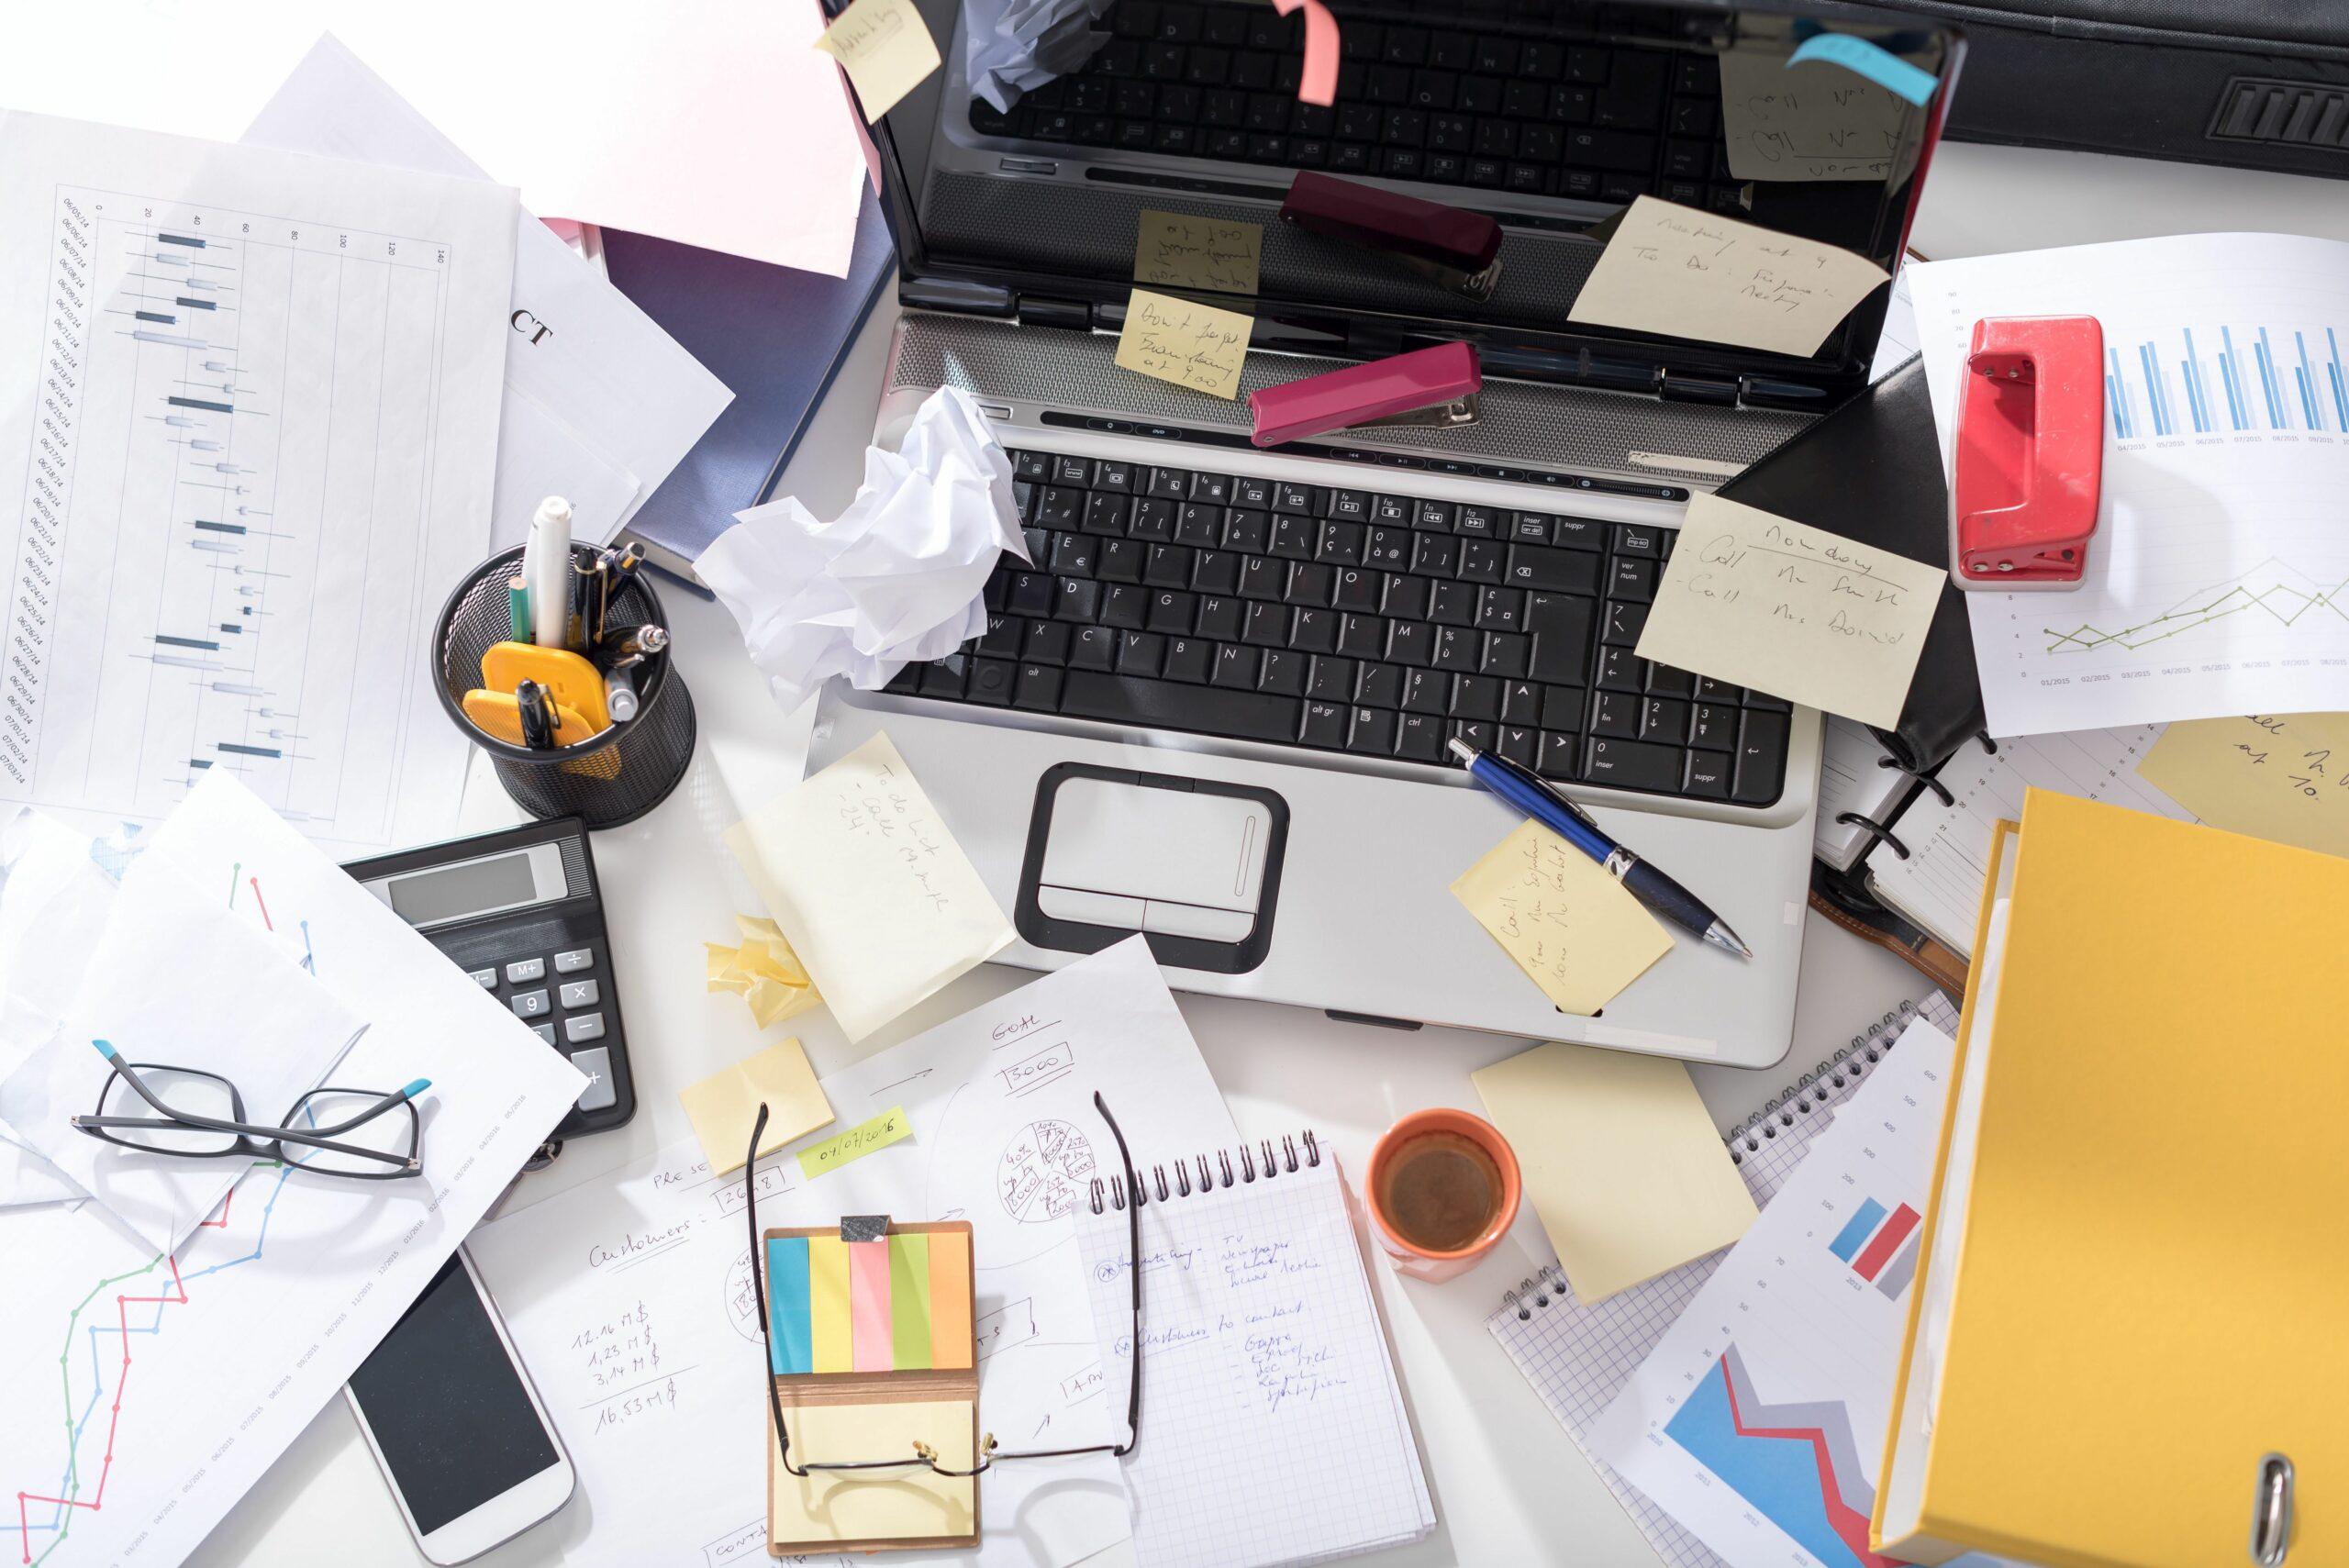 Unordentlicher, chaotischer Schreibtisch